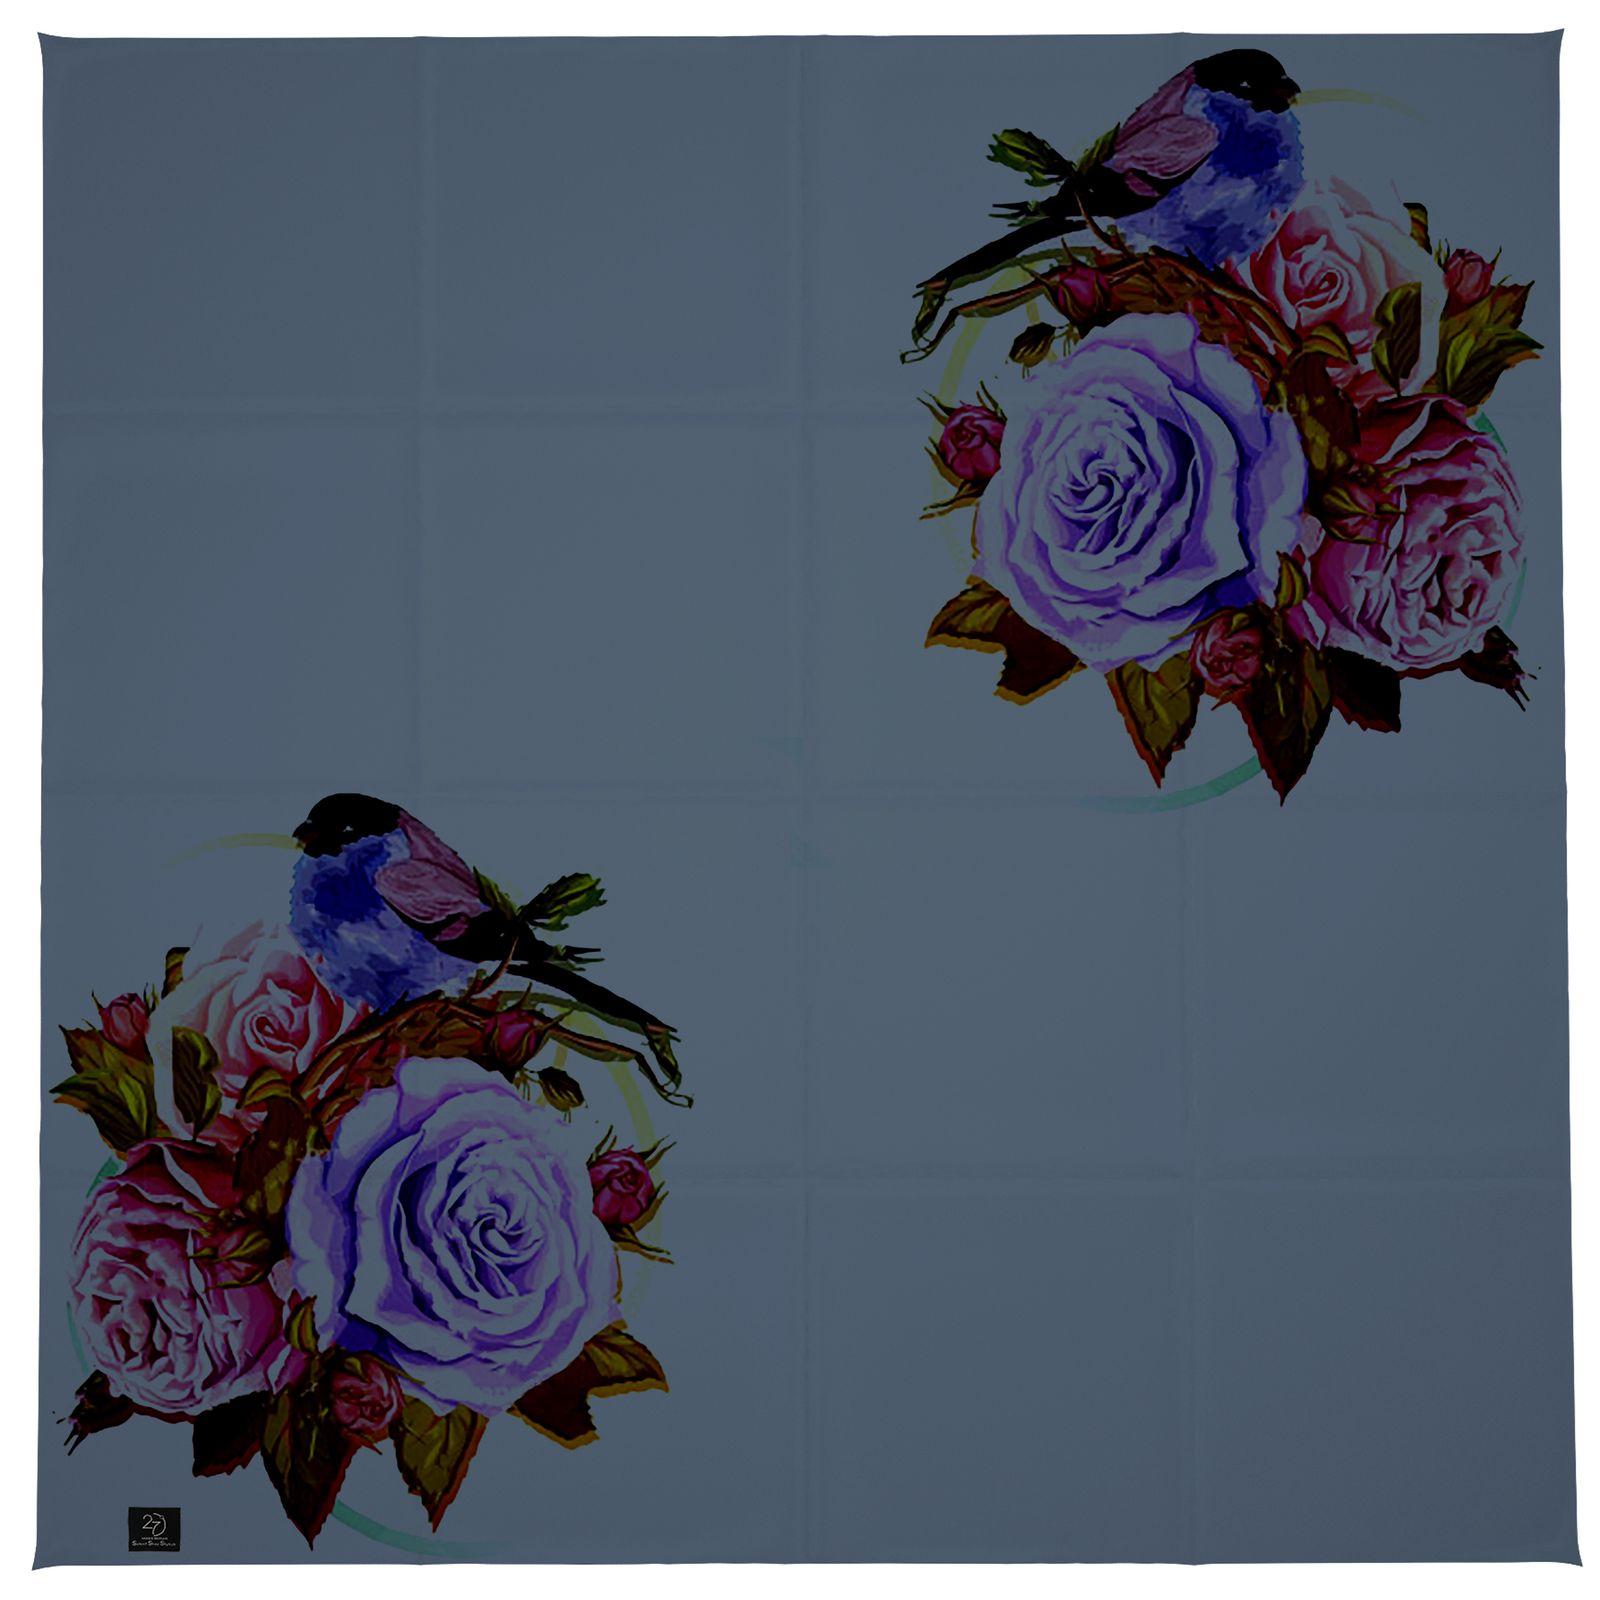 روسری زنانه 27 طرح پرنده و گل کد H06 -  - 9